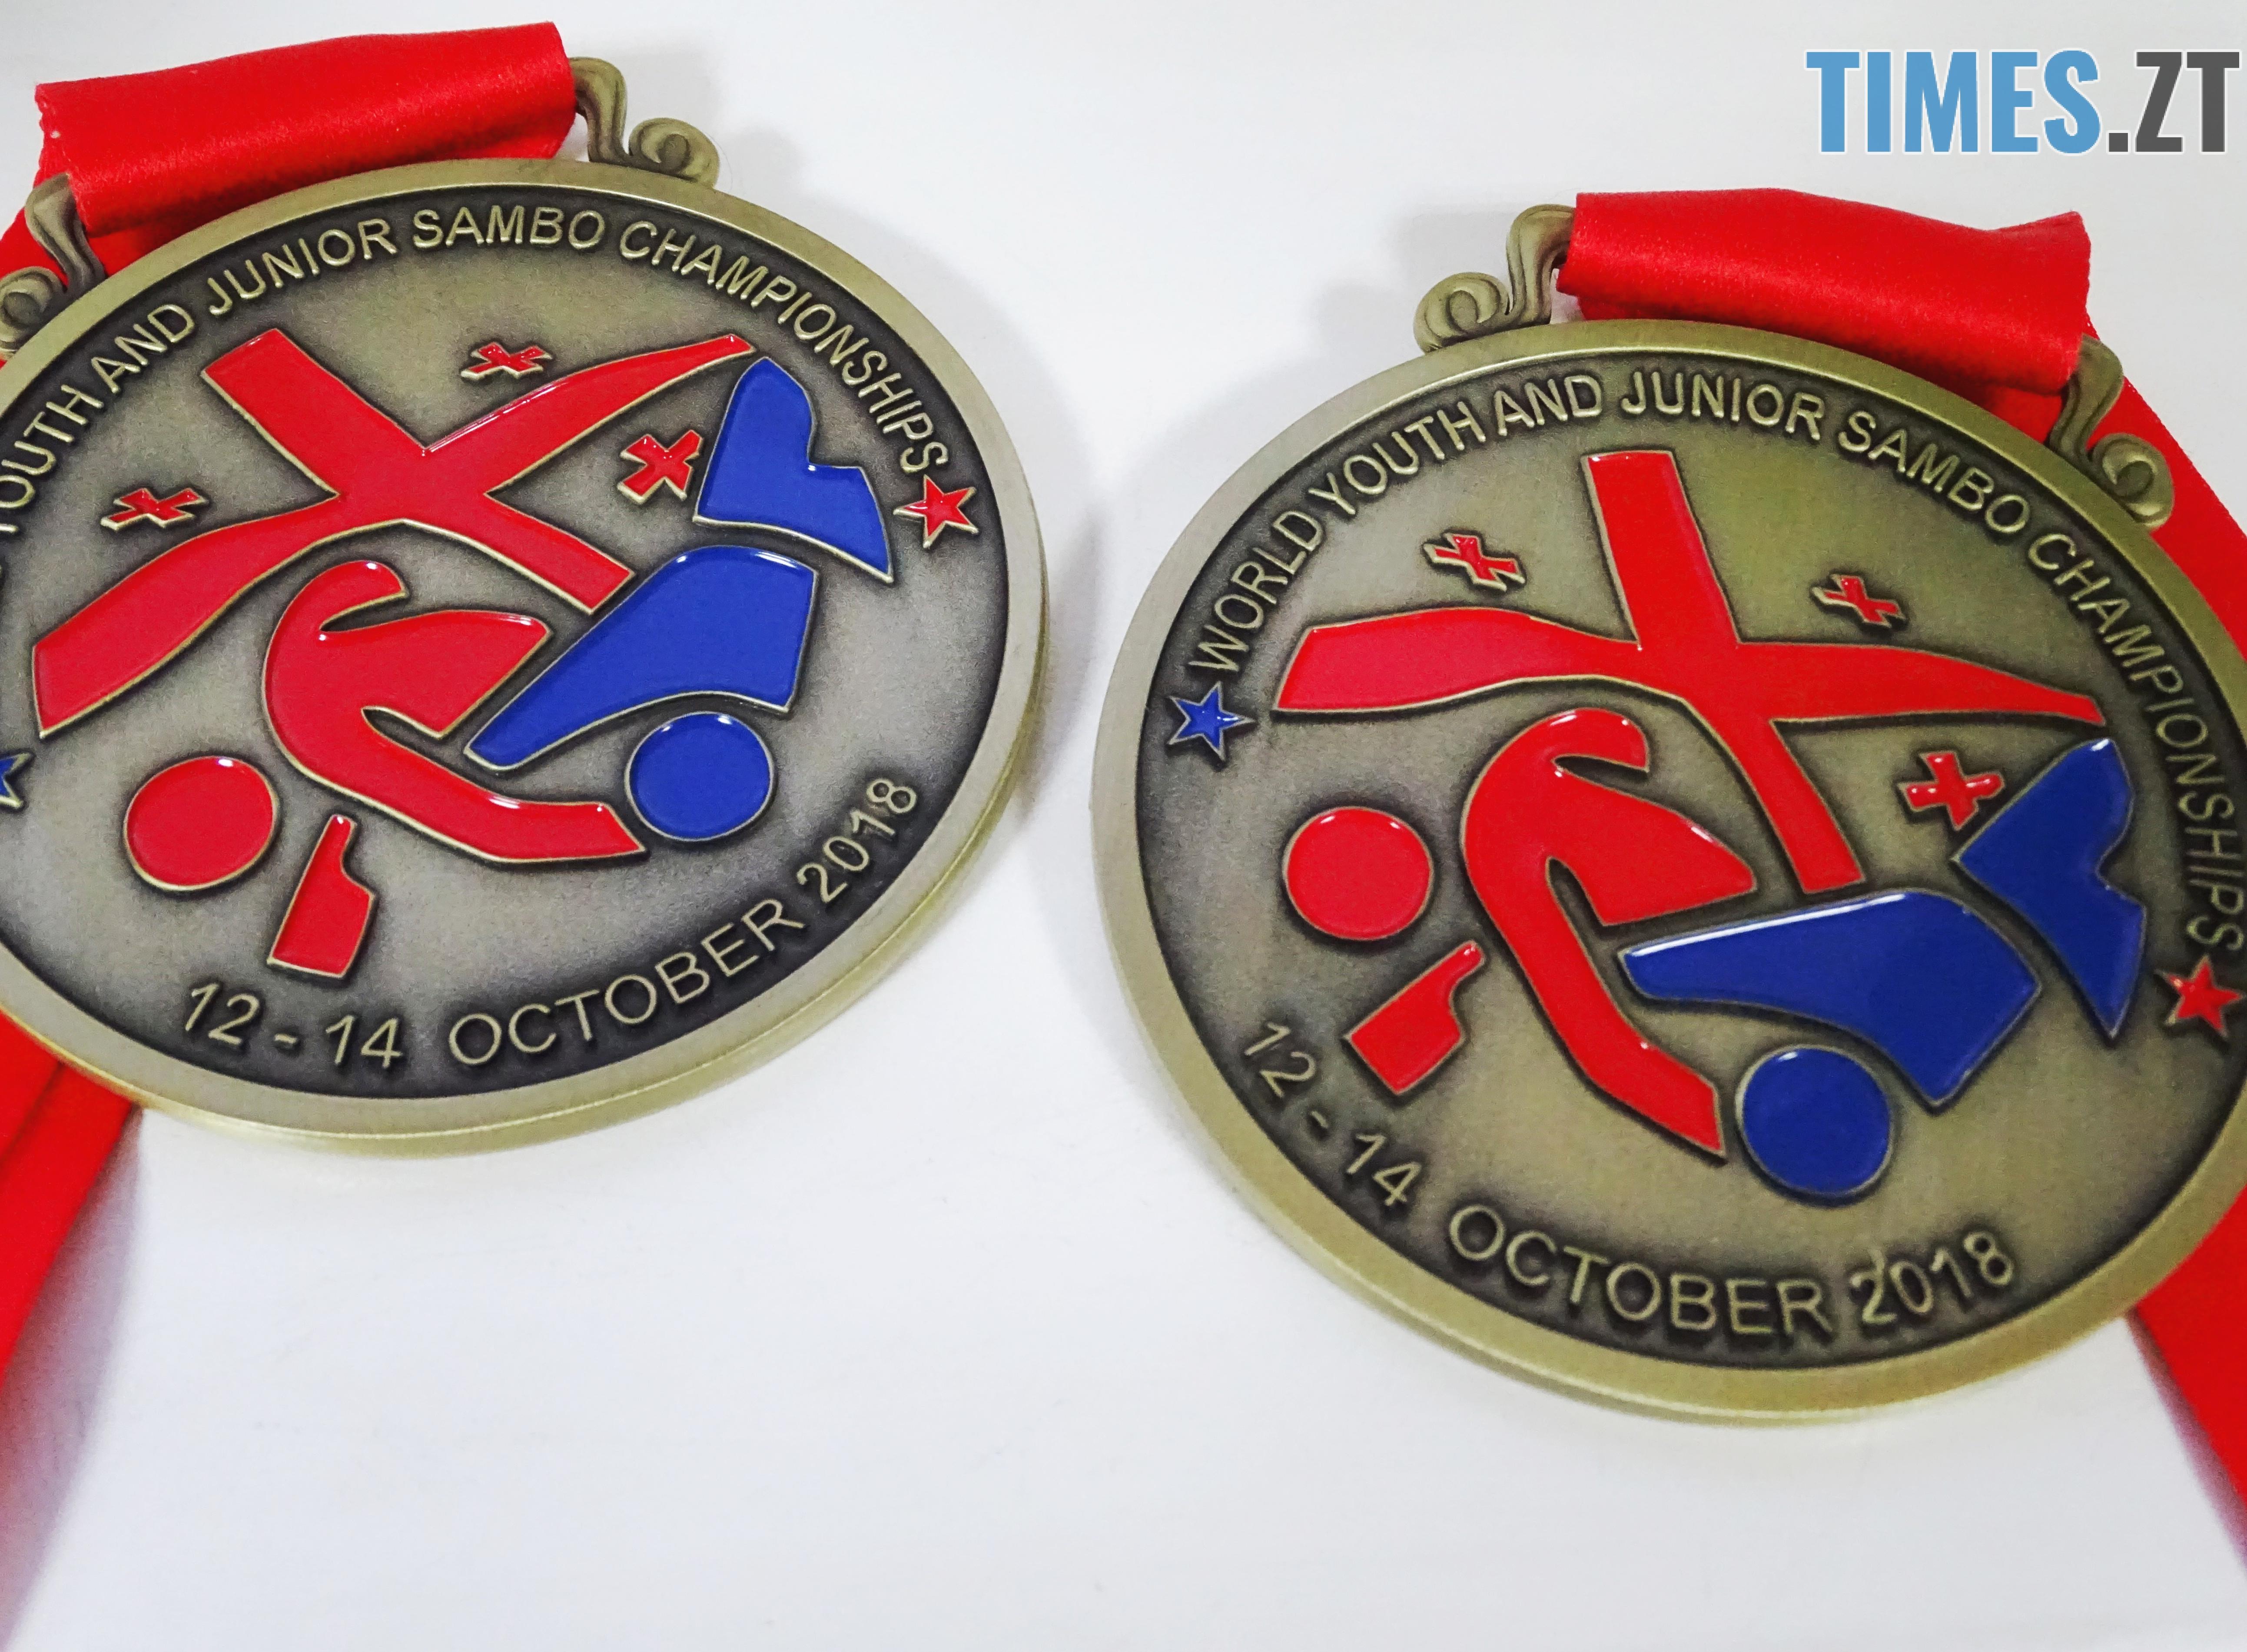 житомирянок - Житомирські самбістки стали призерками на Чемпіонаті світу–2018 серед молоді та юніорів